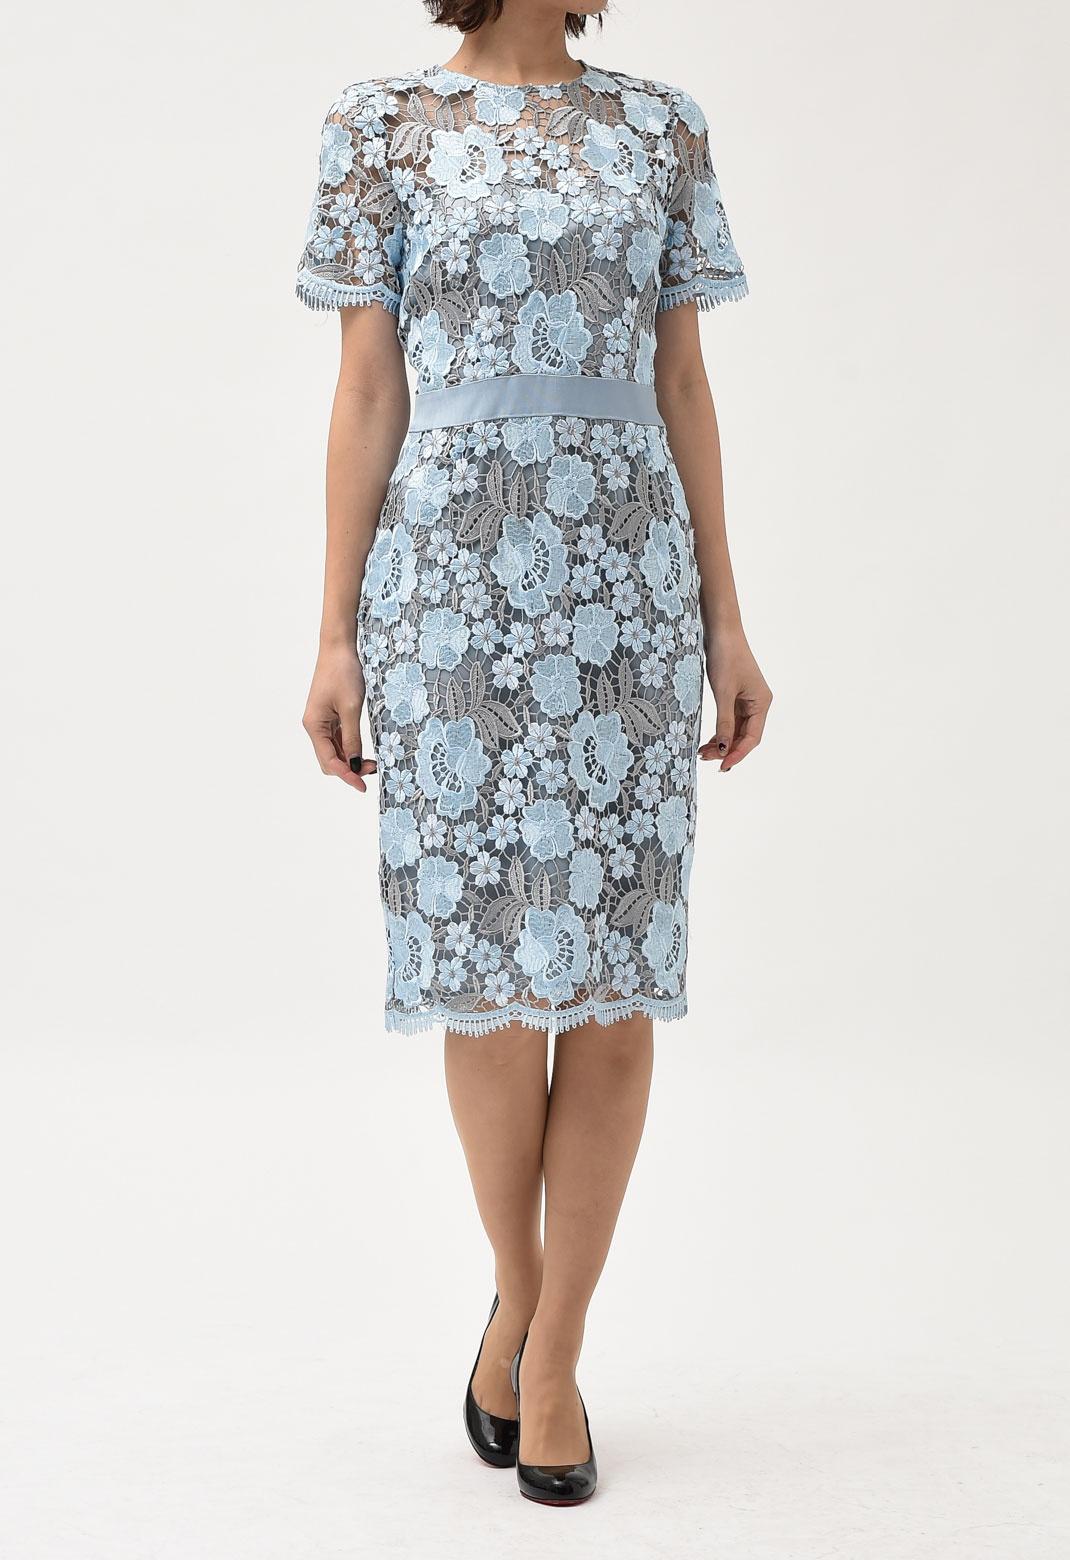 ブルー×グレー フラワー レース 半袖 ドレス